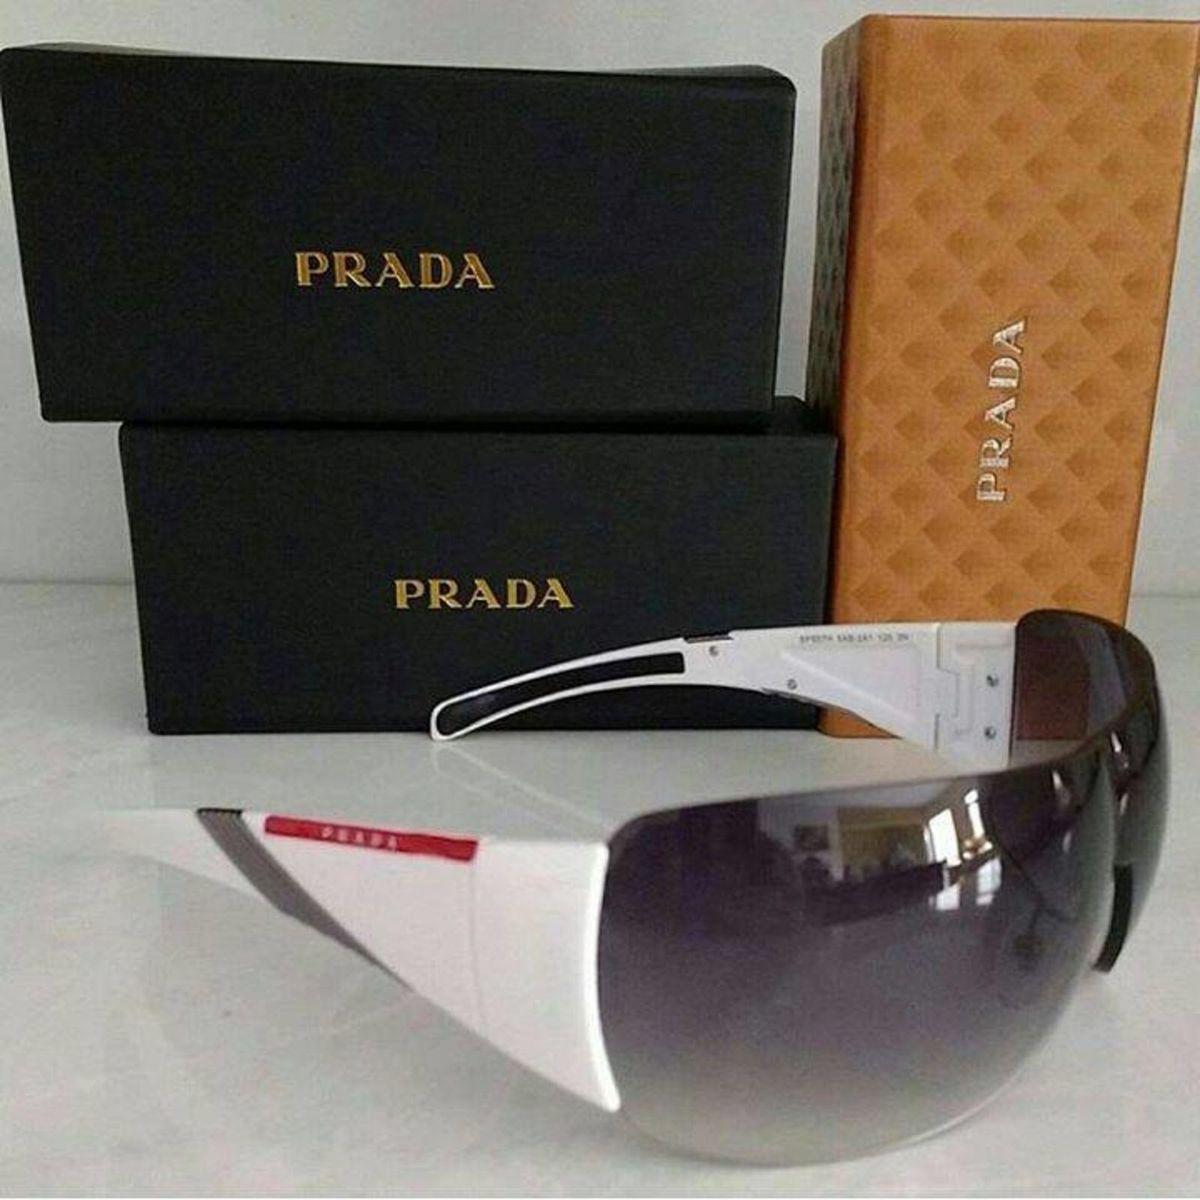 14992a6526987 Prada Mascara Bolha Completo Caixa Prada